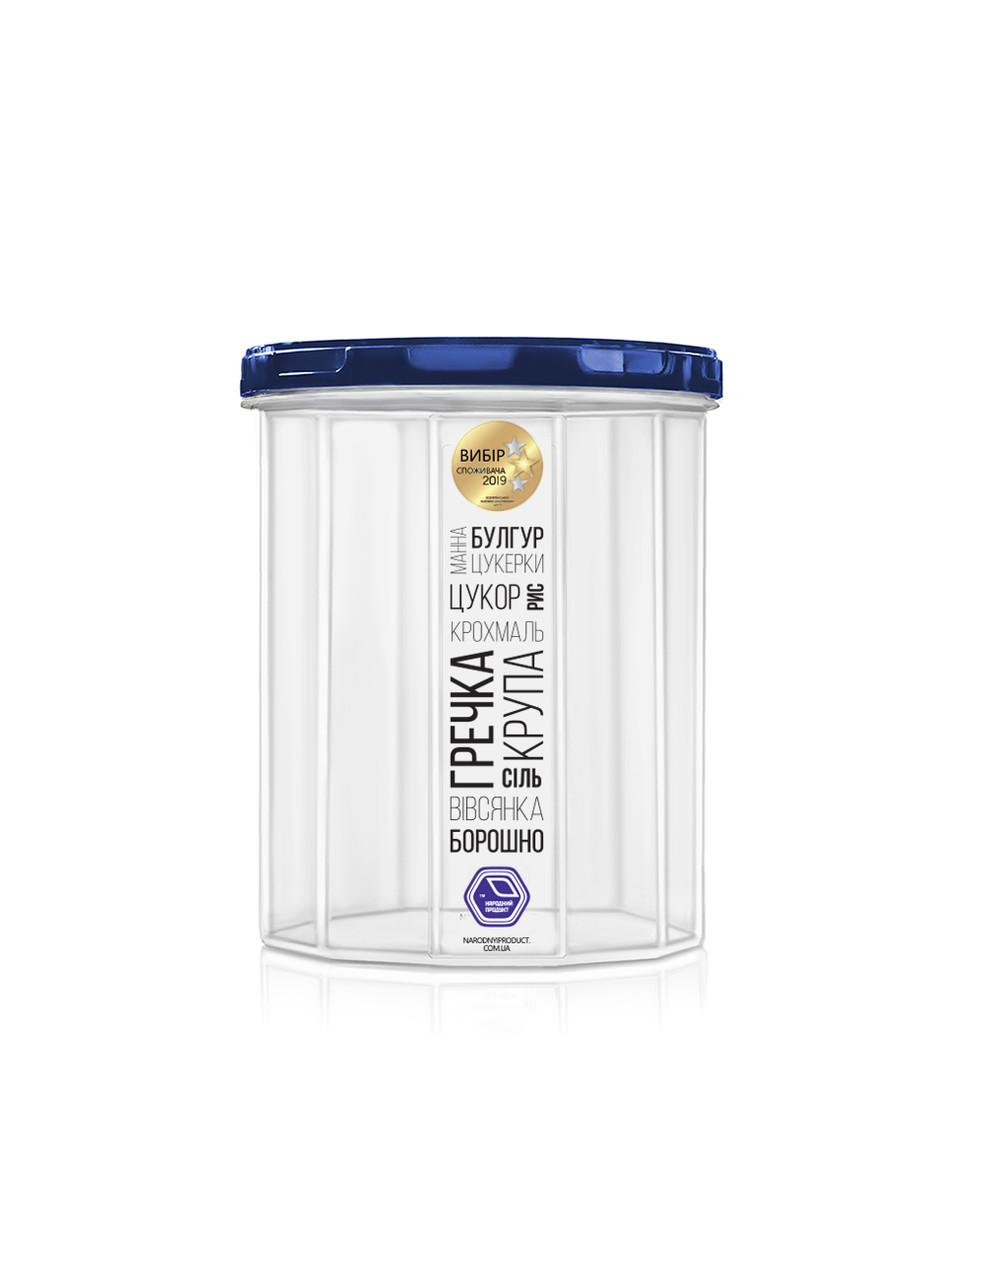 Ємність для сипучих продуктів 1,5л з синьою кришкою (арт. 84и)